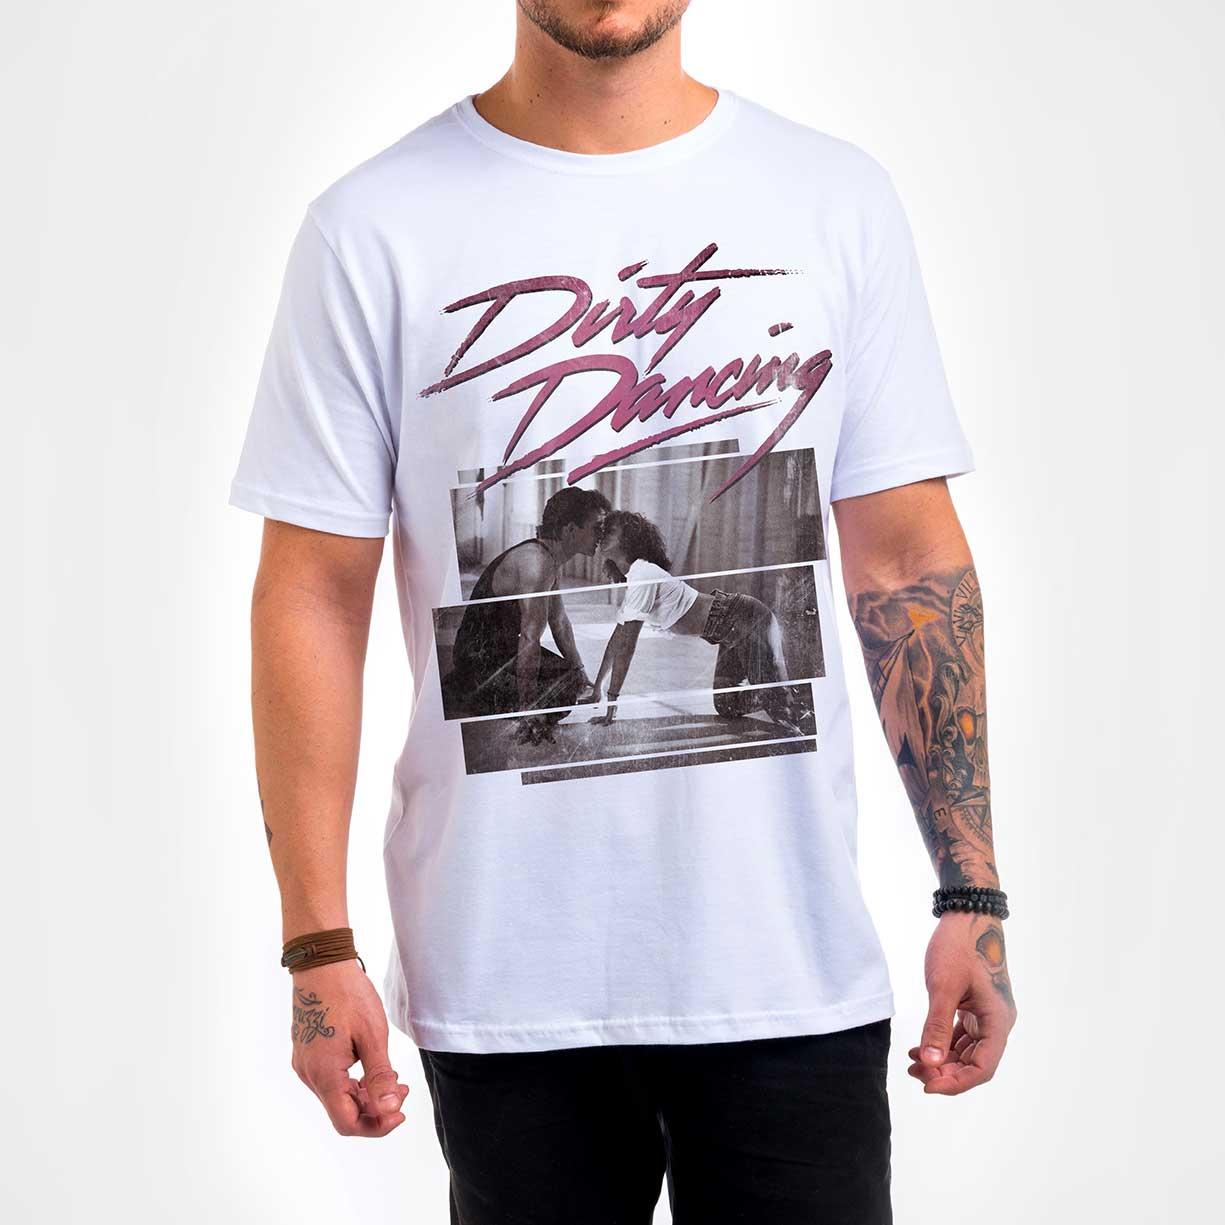 Camisa Masculina - Dirty Dancing